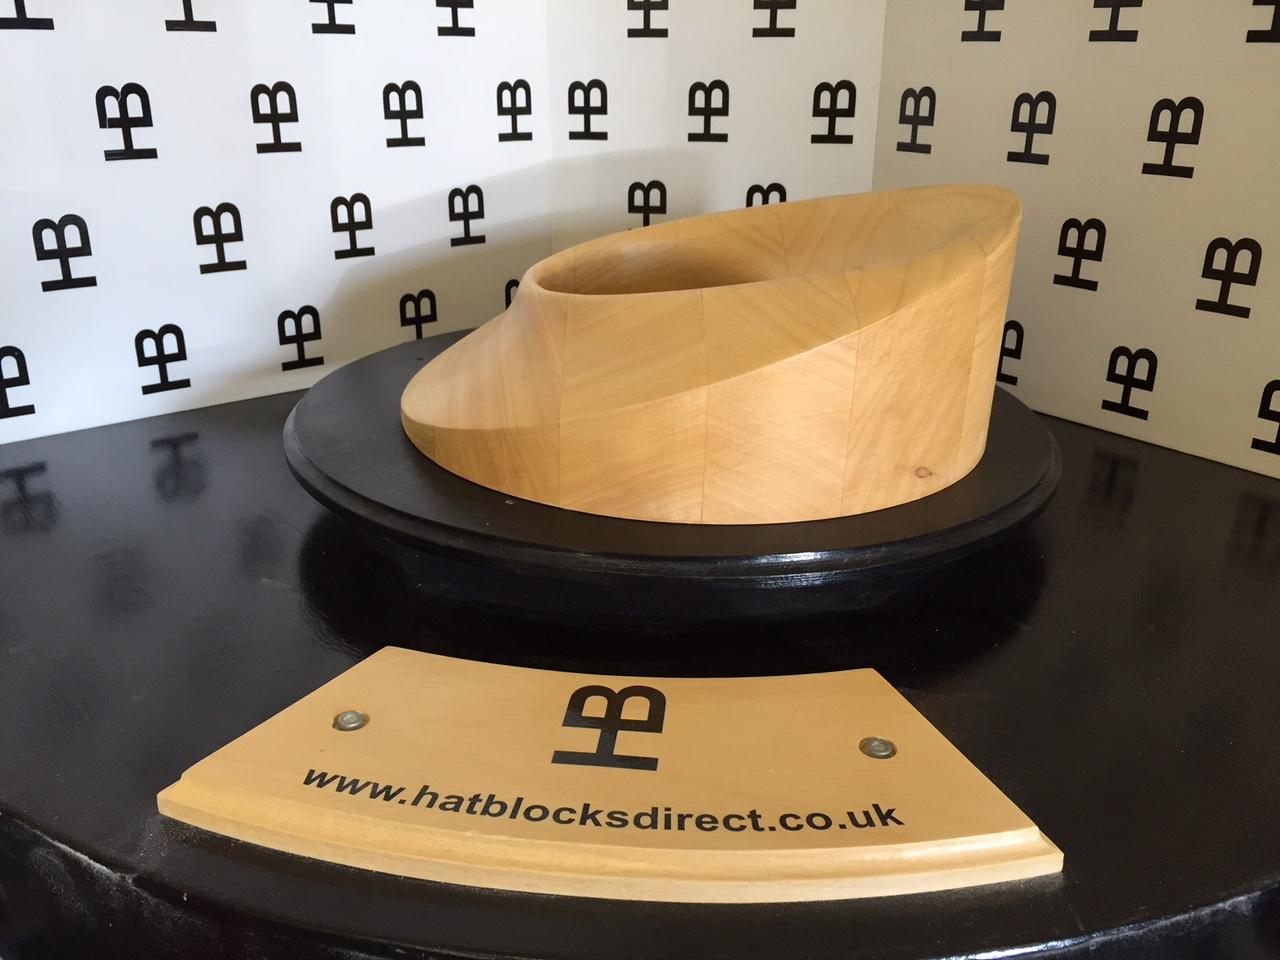 HB083 Brim Hat Block